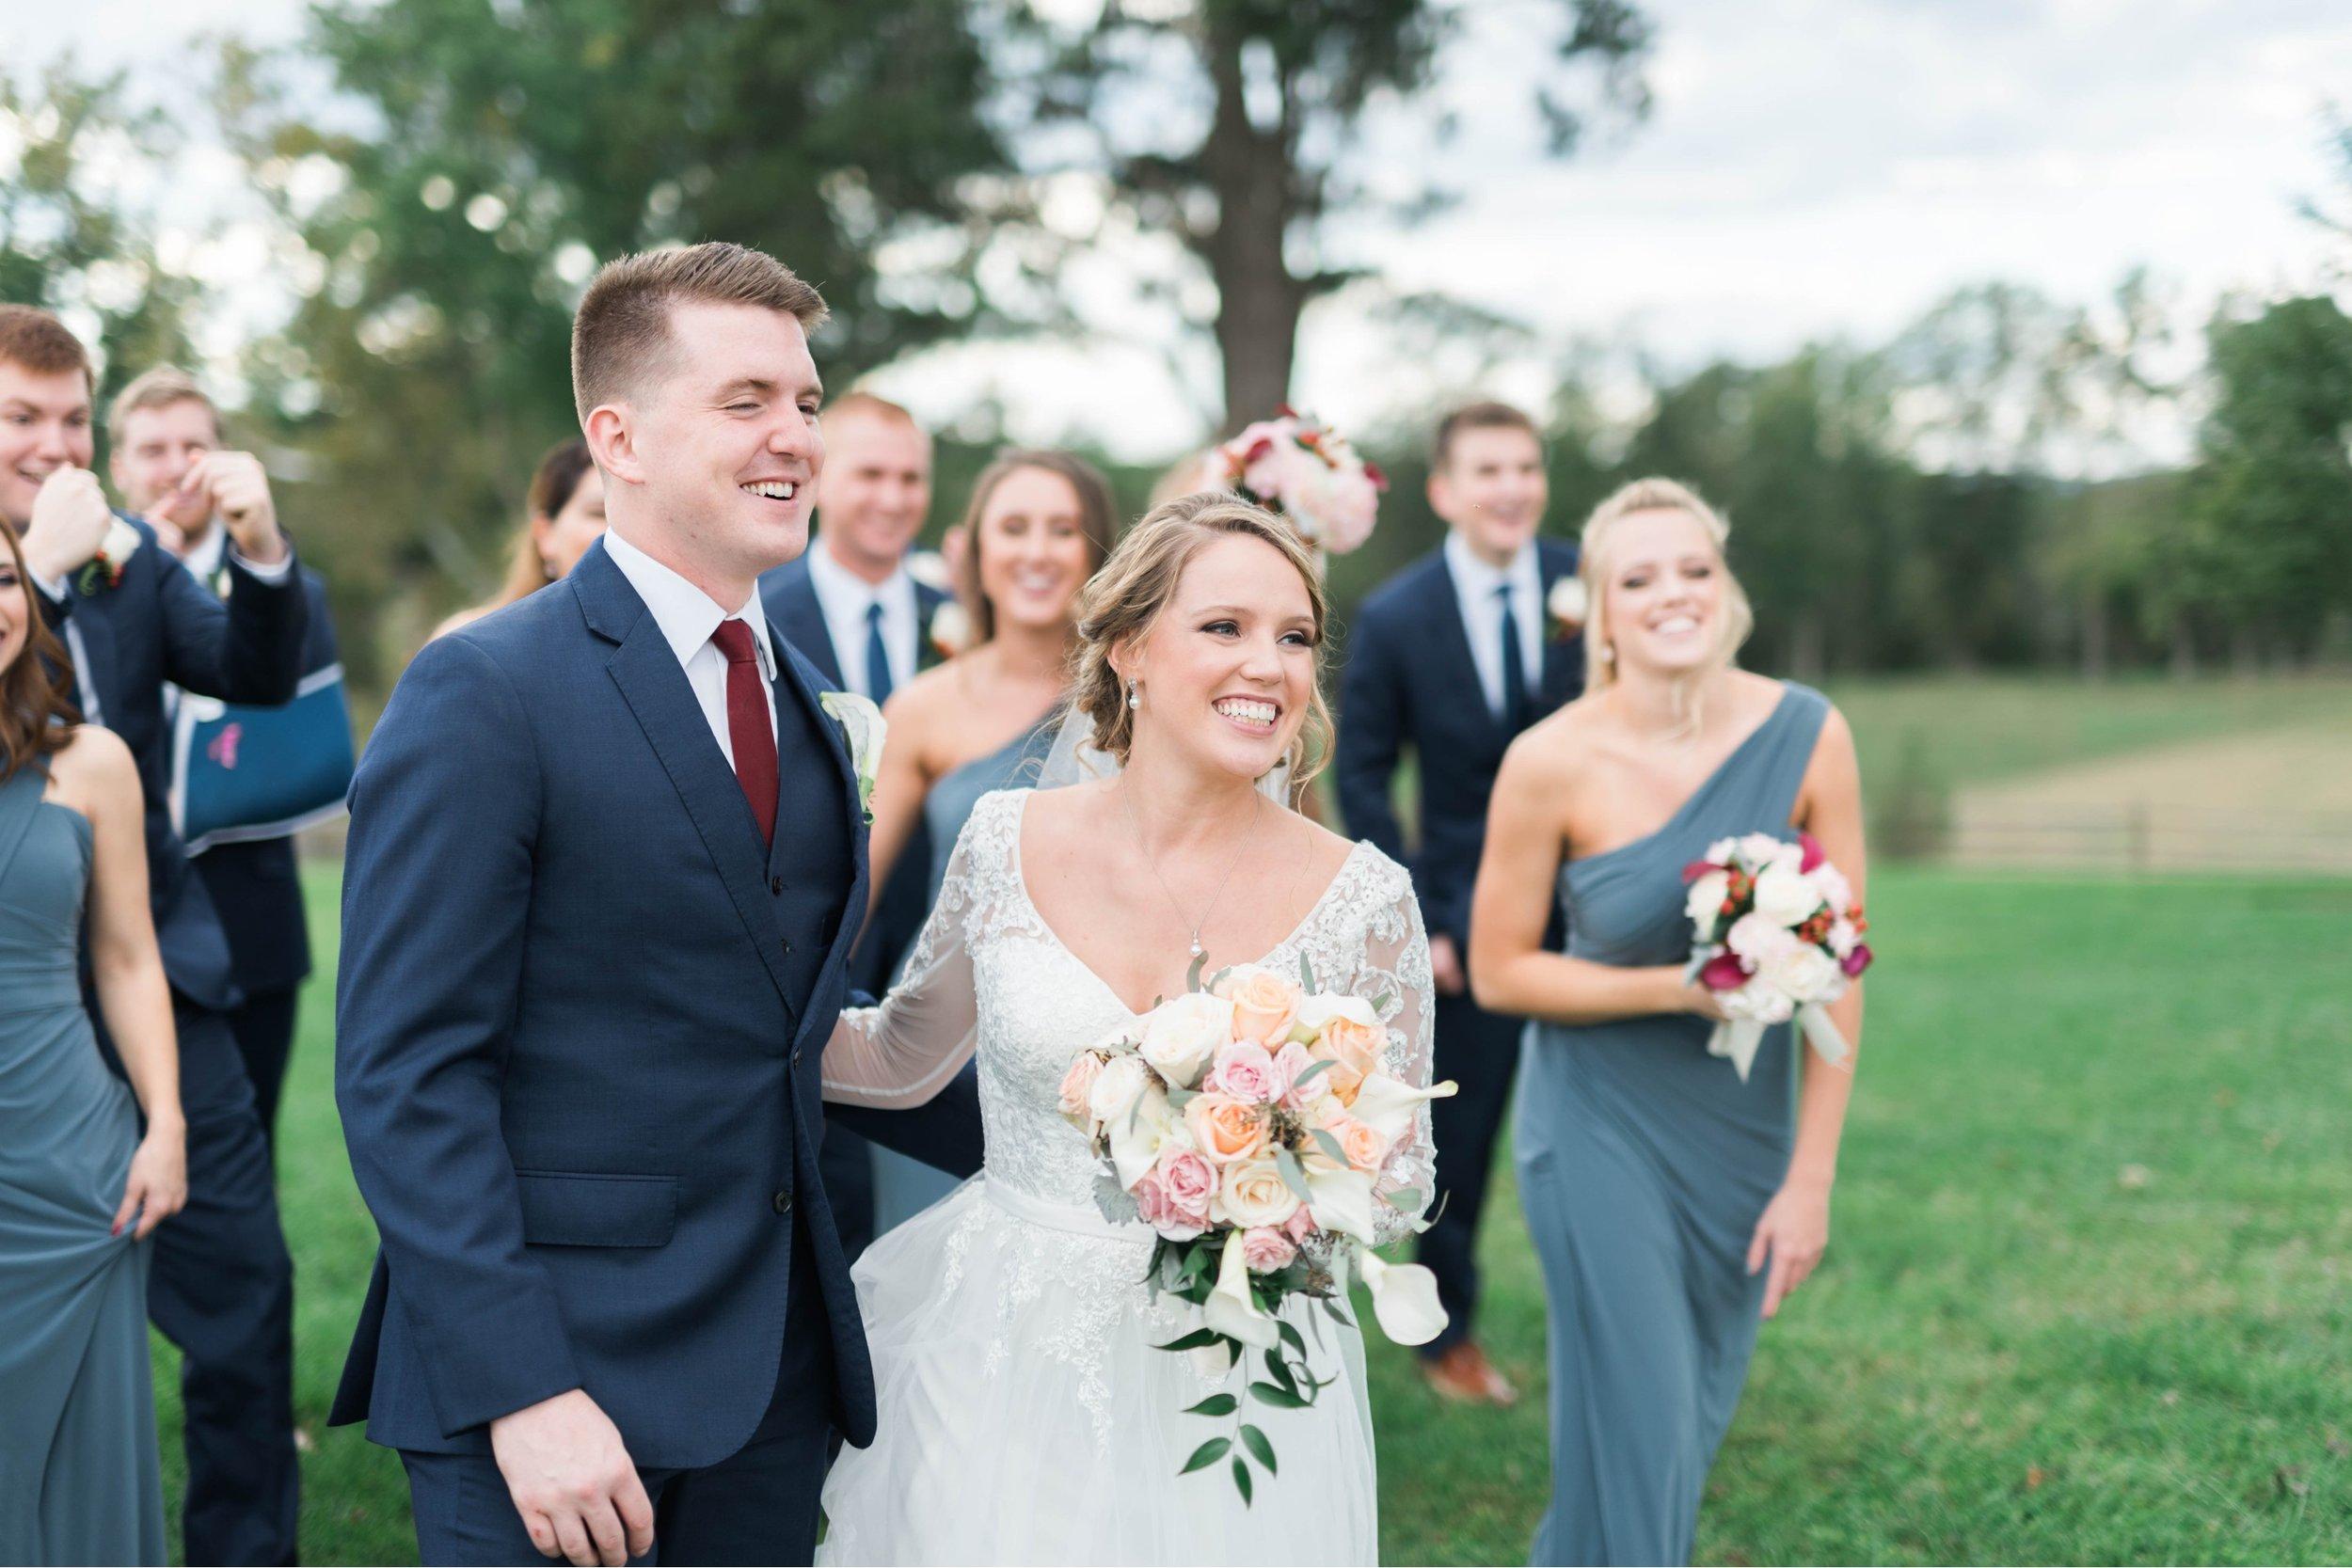 GrantElizabeth_wineryatbullrun_DCwedding_Virginiaweddingphotographer 42.jpg